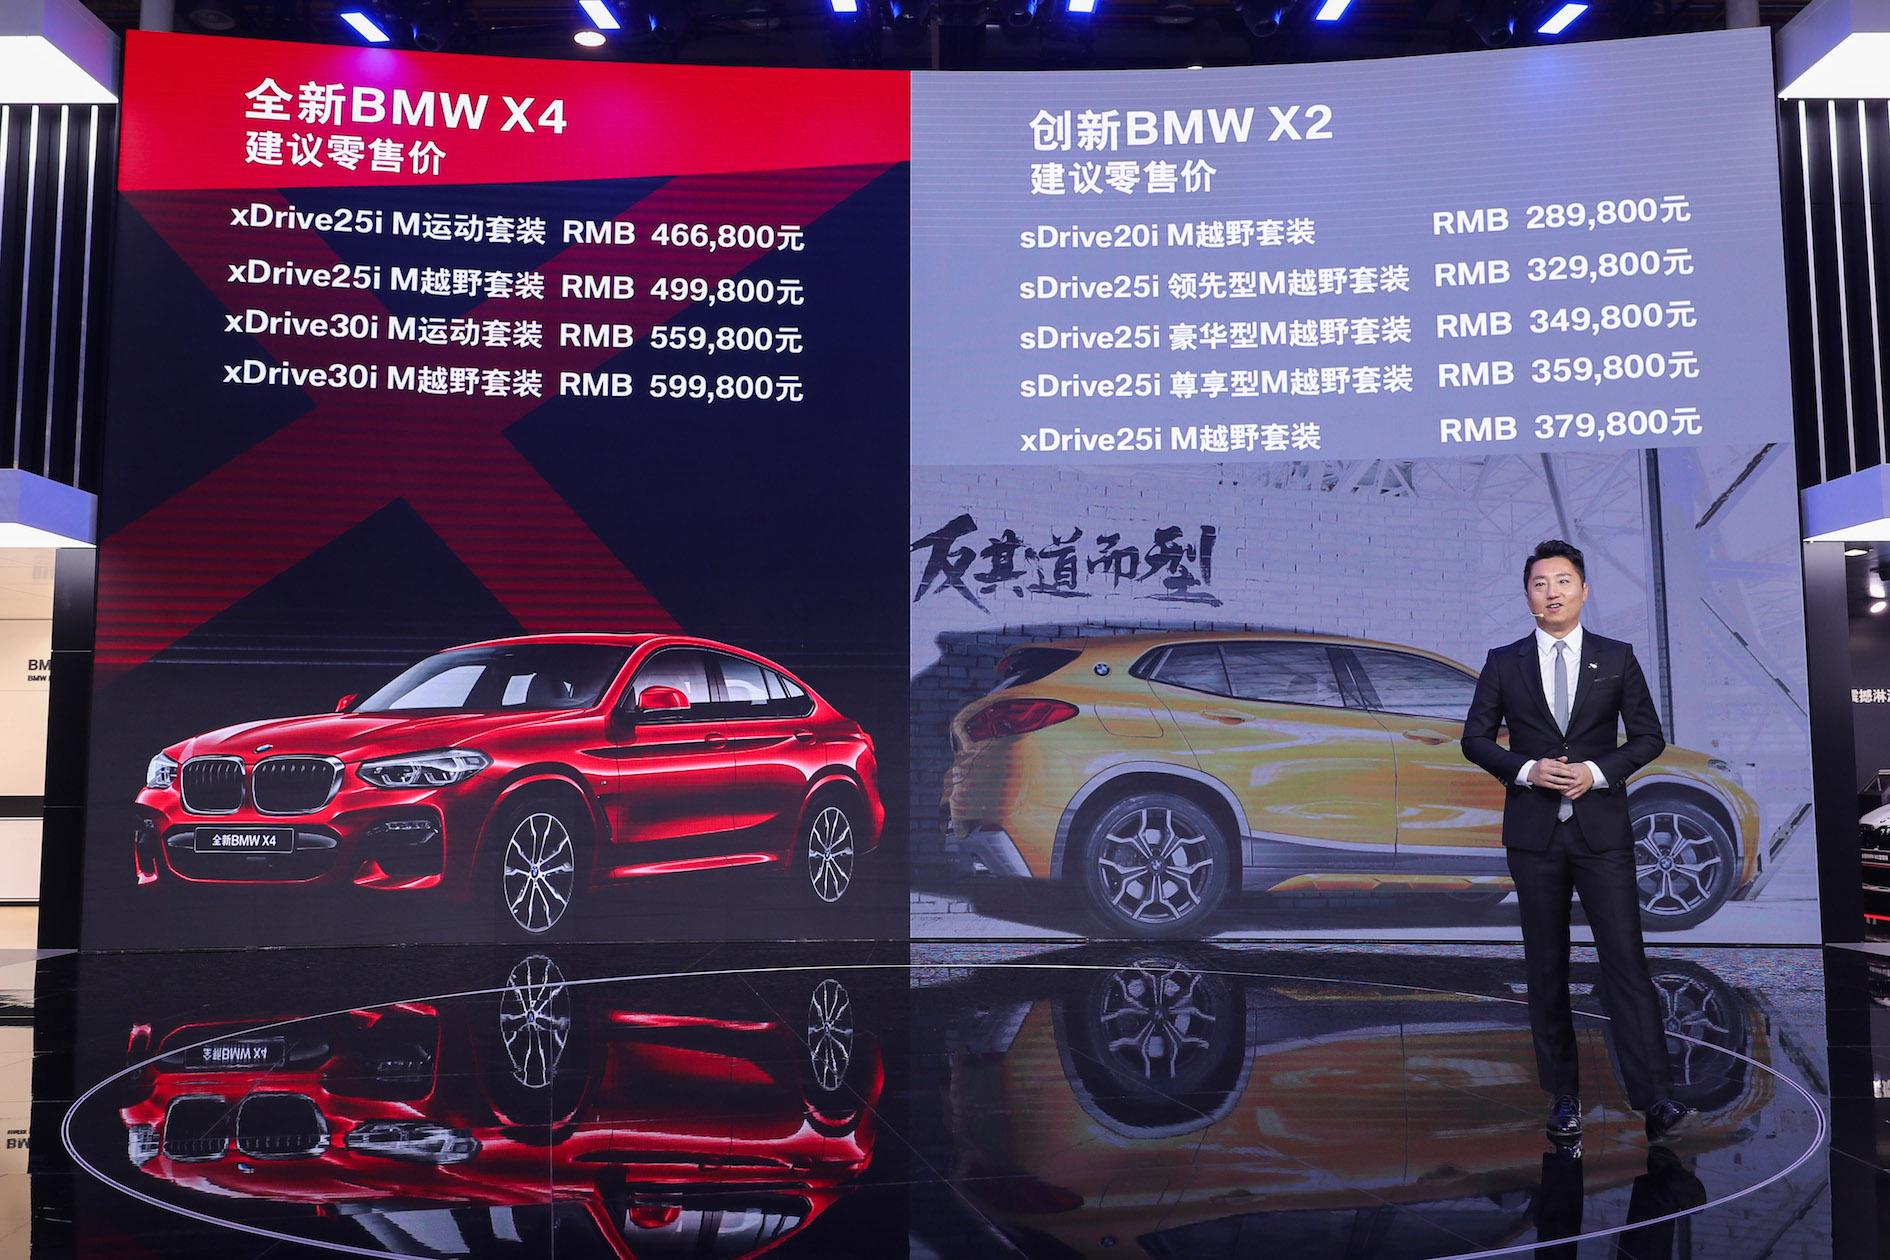 4.全新BMW X4和创新BMW X2价格公布.jpeg